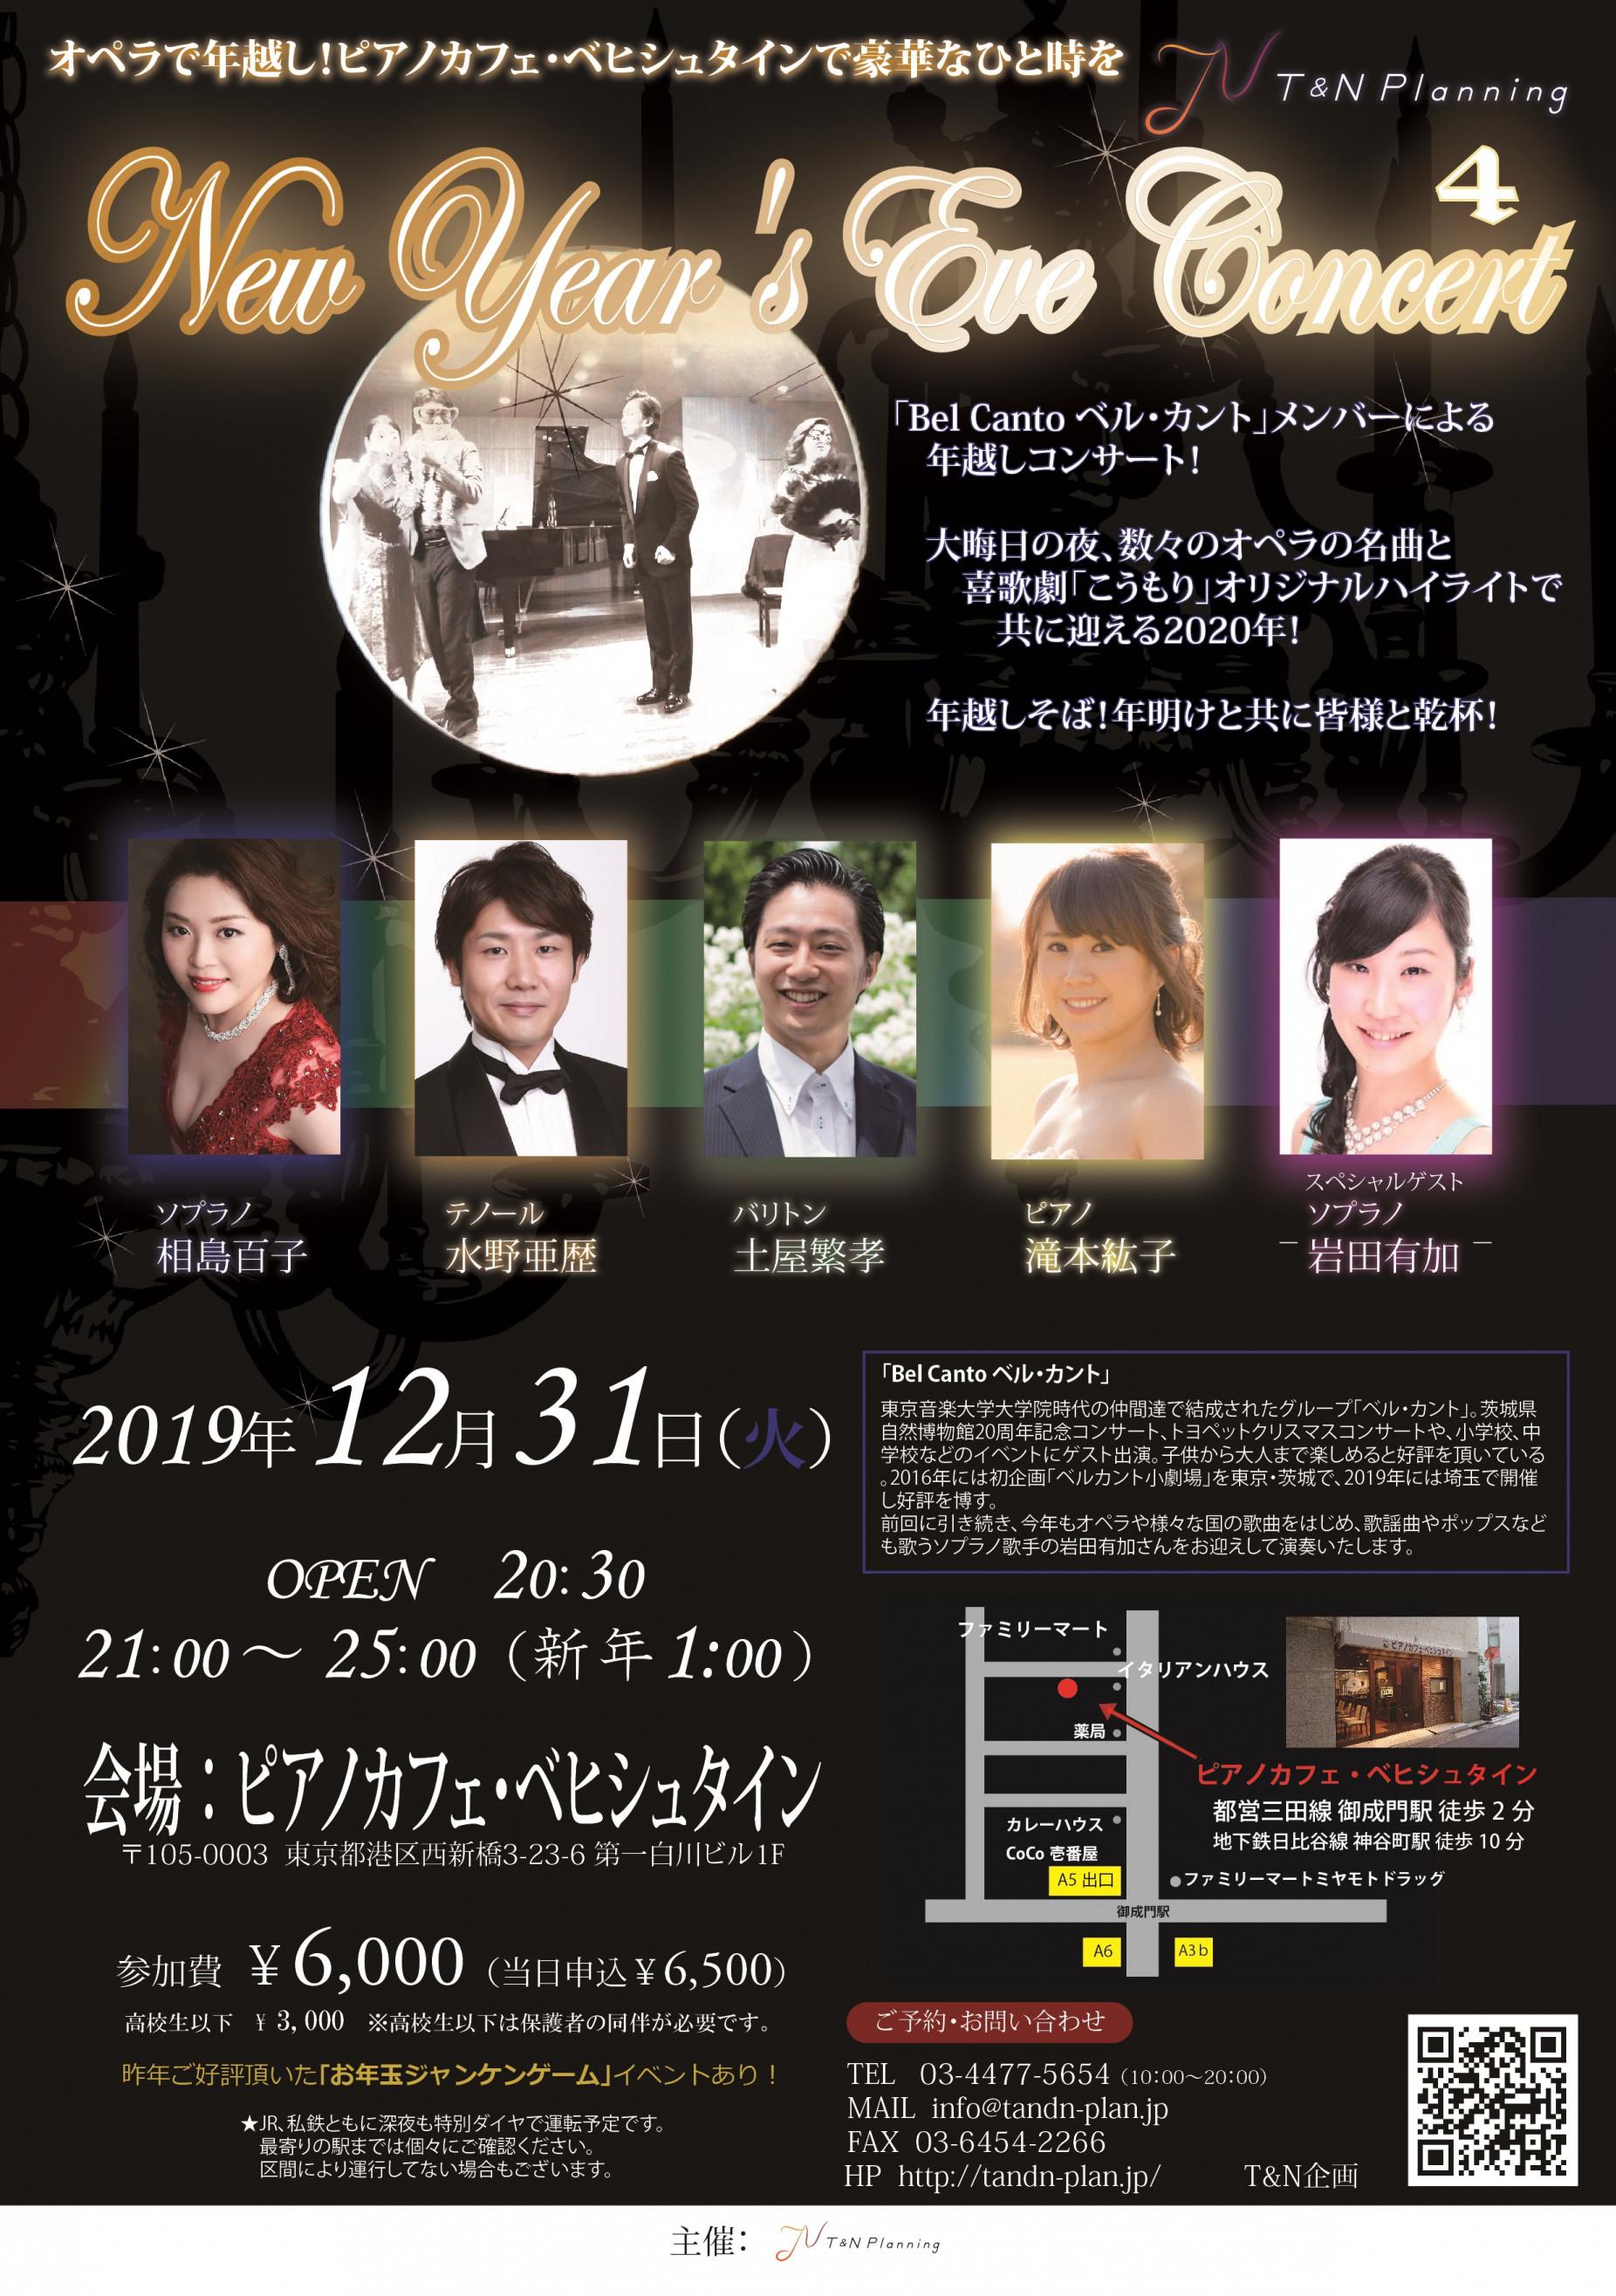 New Year Eve Concert 〜operettaこうもりで年越しジルベスター